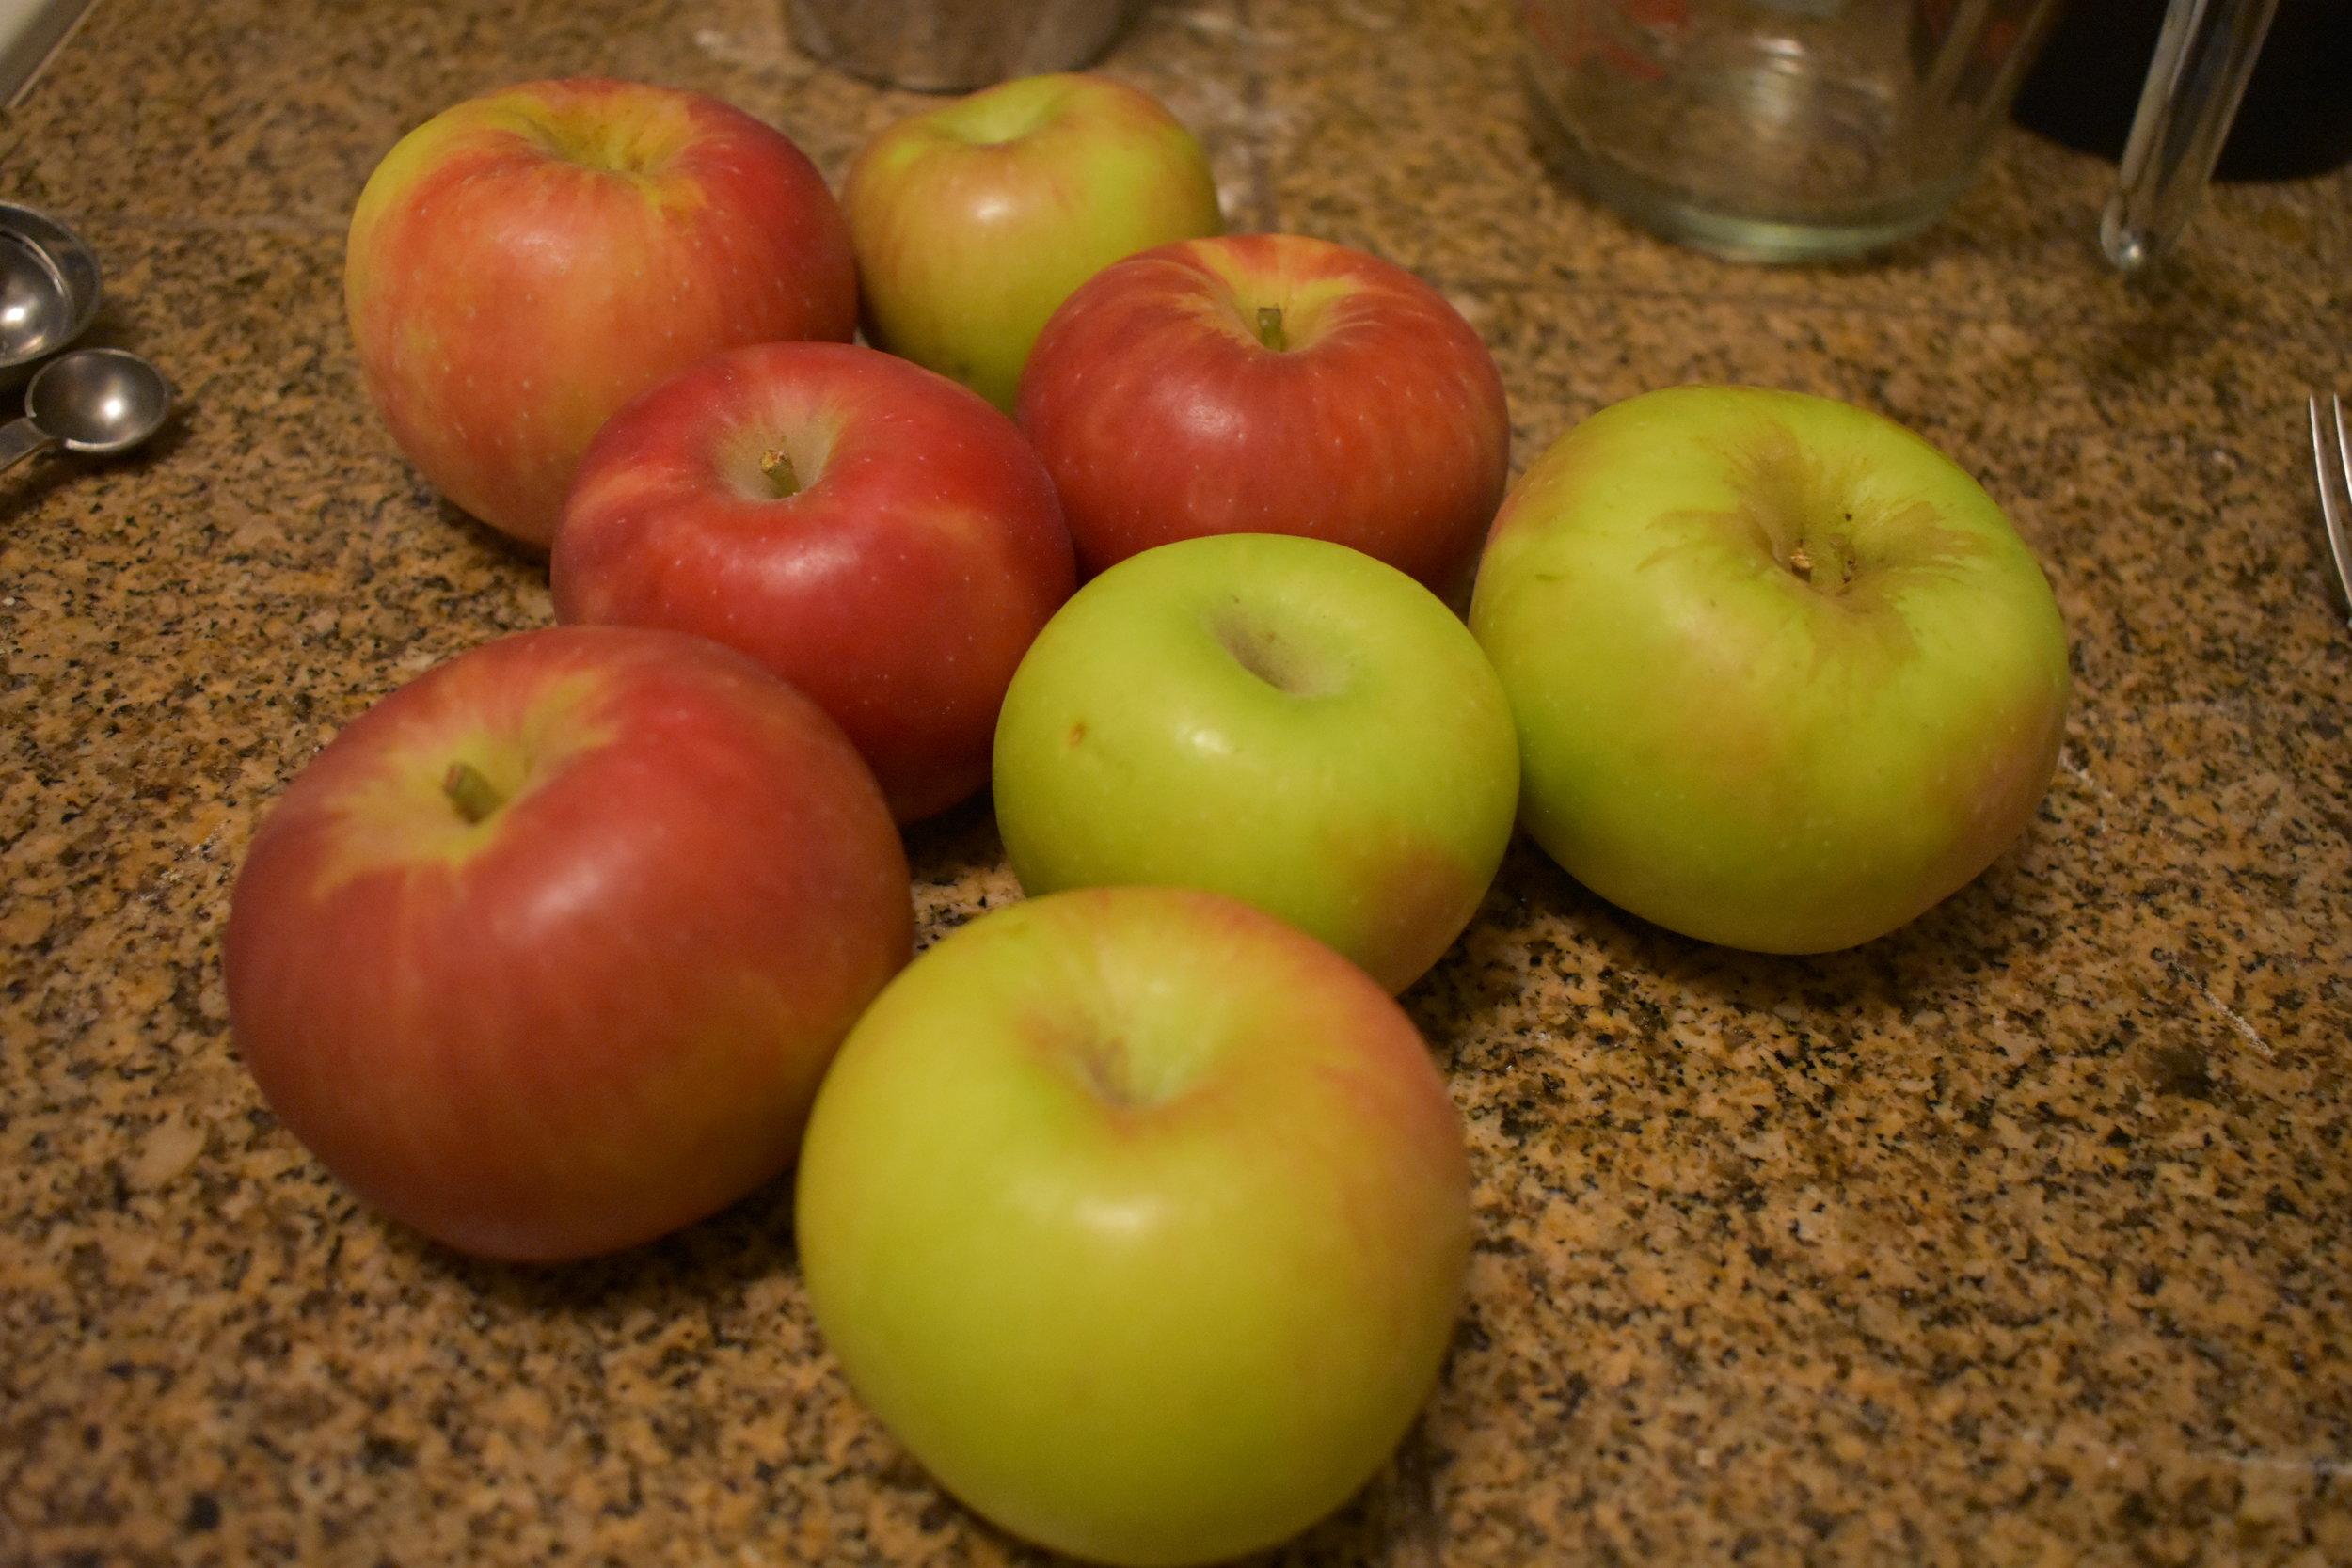 6-8 Tart Apples